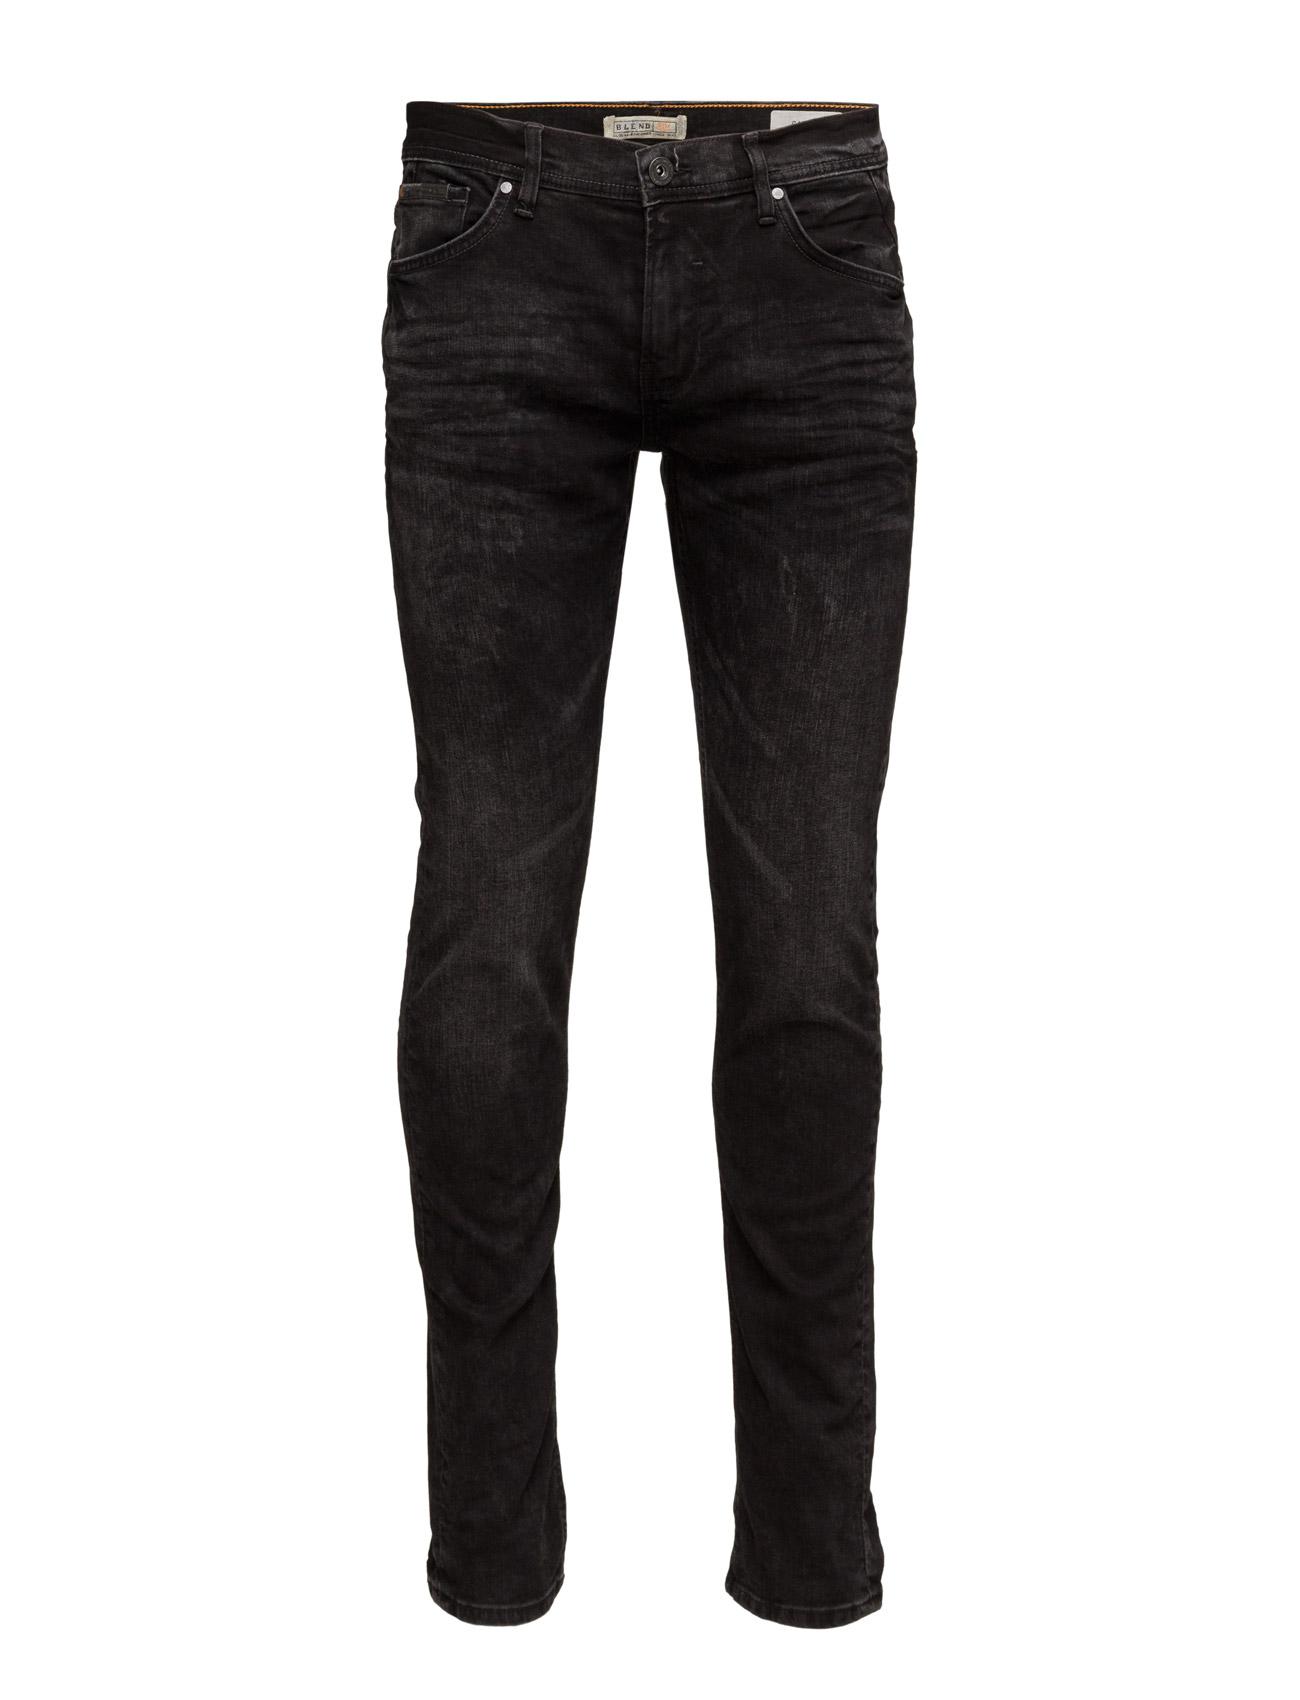 Jeans - Noos Cirrus Fit Blend Skinny til Herrer i